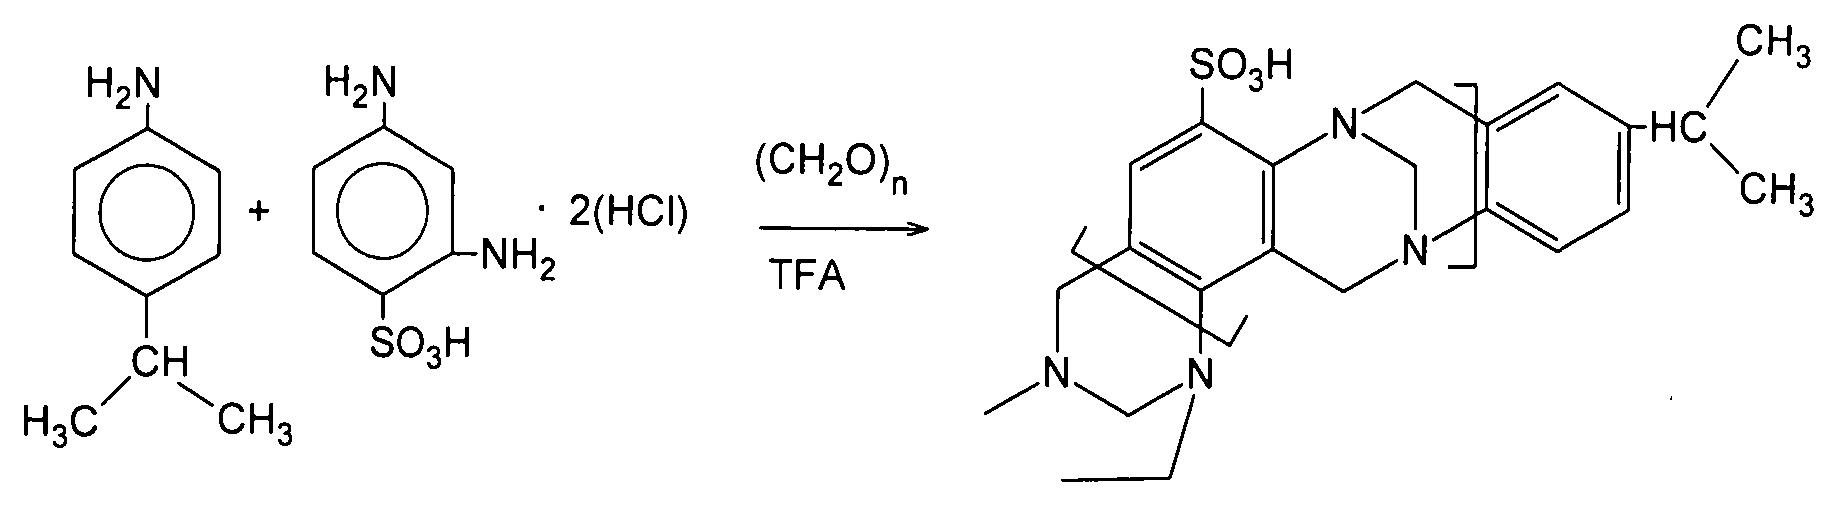 Figure DE112016005378T5_0051